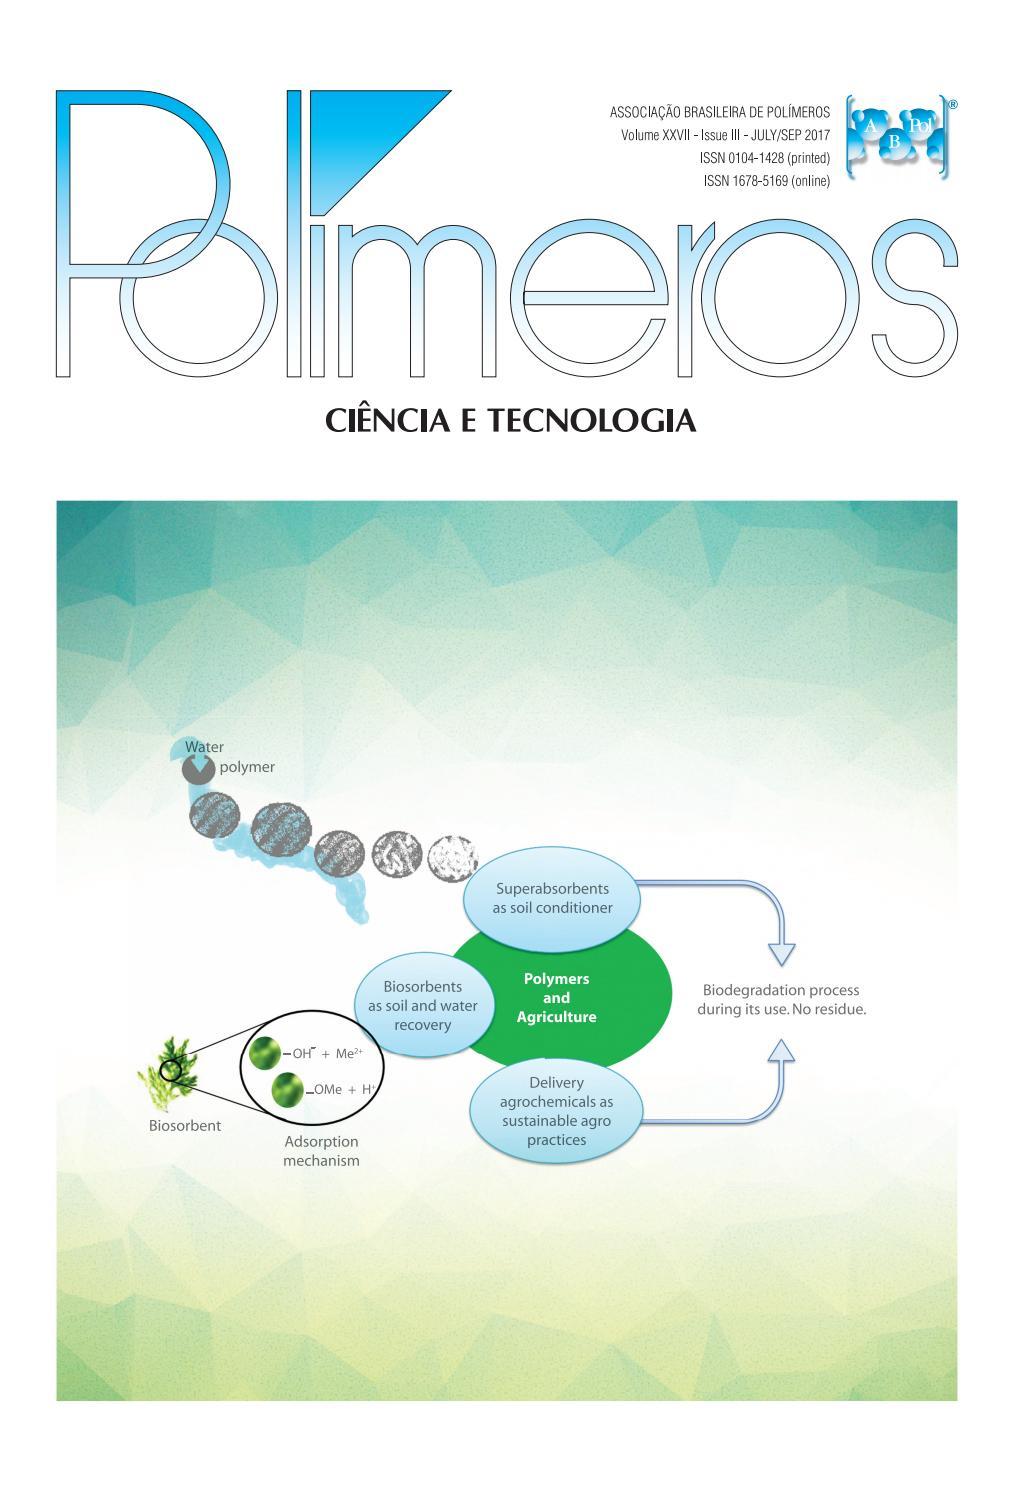 Polímeros: Ciência e Tecnologia 3rd  issue, vol 27, 2017 by